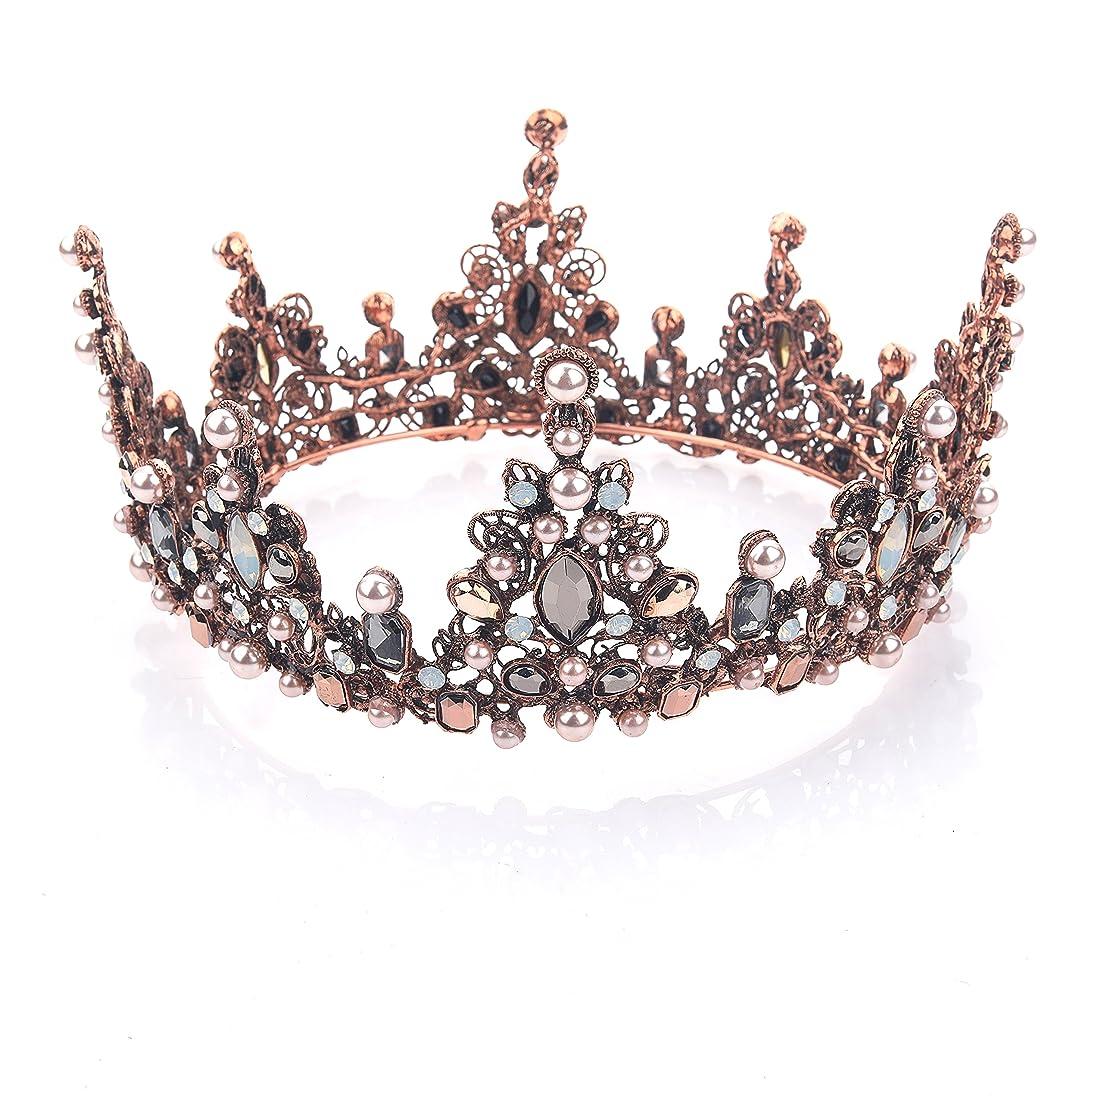 忘れる整理するうめきYeanティアラ 王冠 おうかん クラウン ヘアアクセサリー ゴールド レディース ガールズ 女性 プリンセス 結婚式 ウェディング 花嫁 披露宴 パーティー (Color-04)